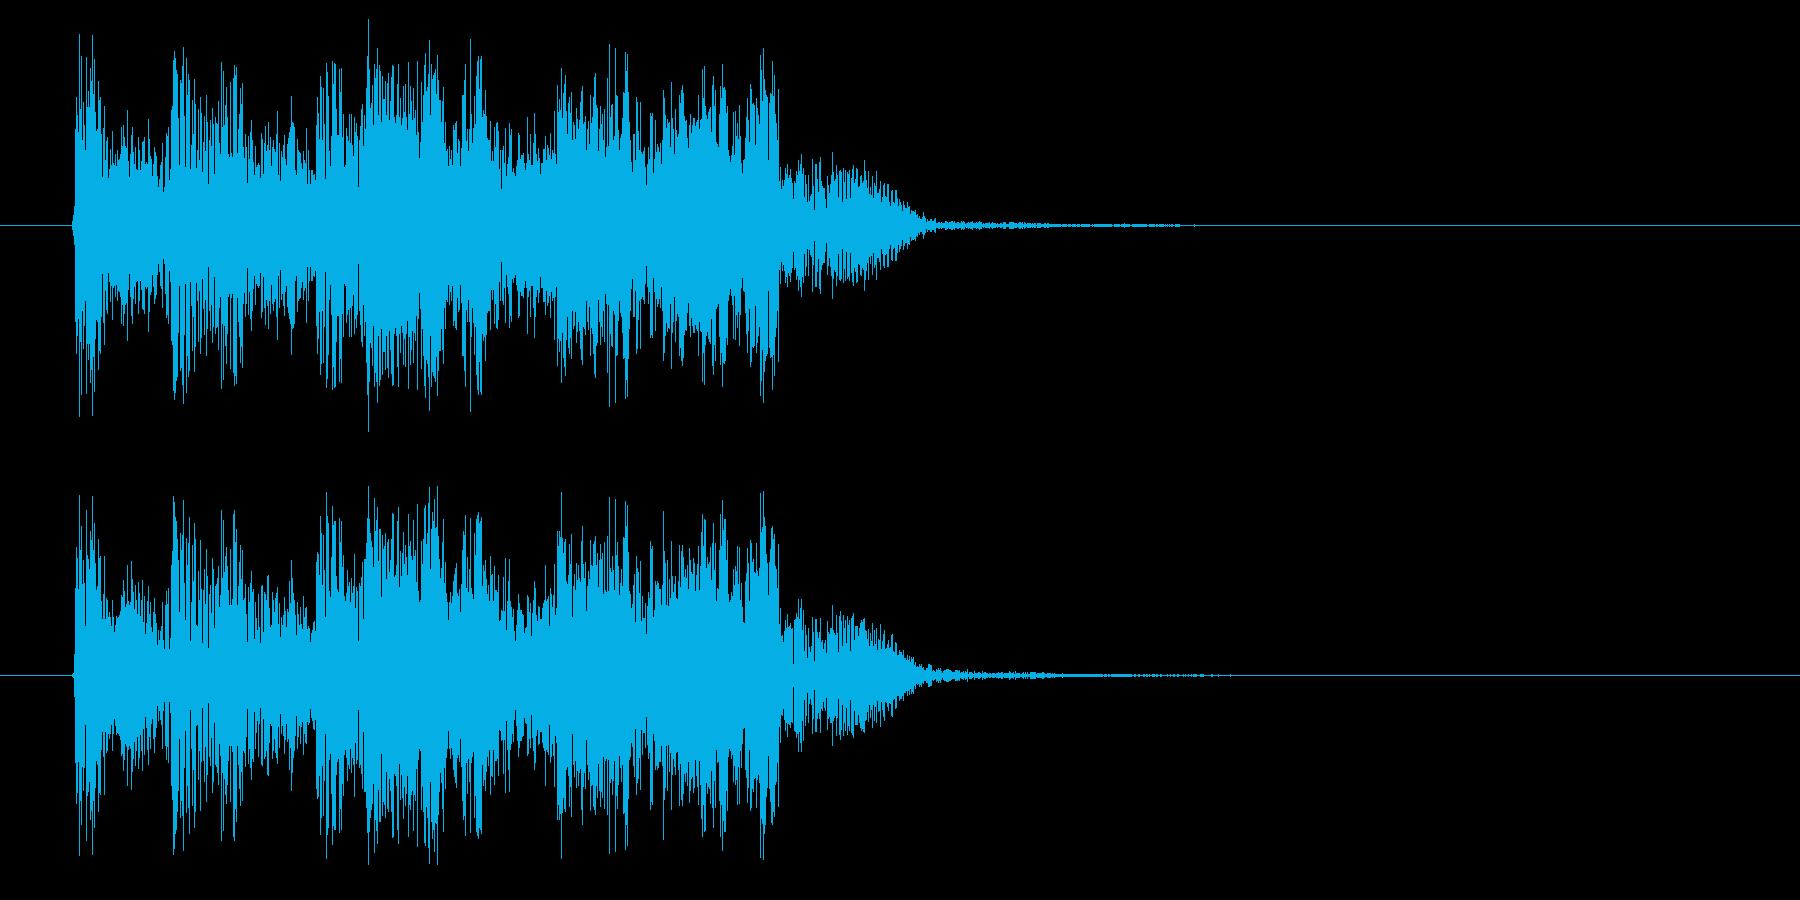 アップテンポなロックバンドのジングルの再生済みの波形